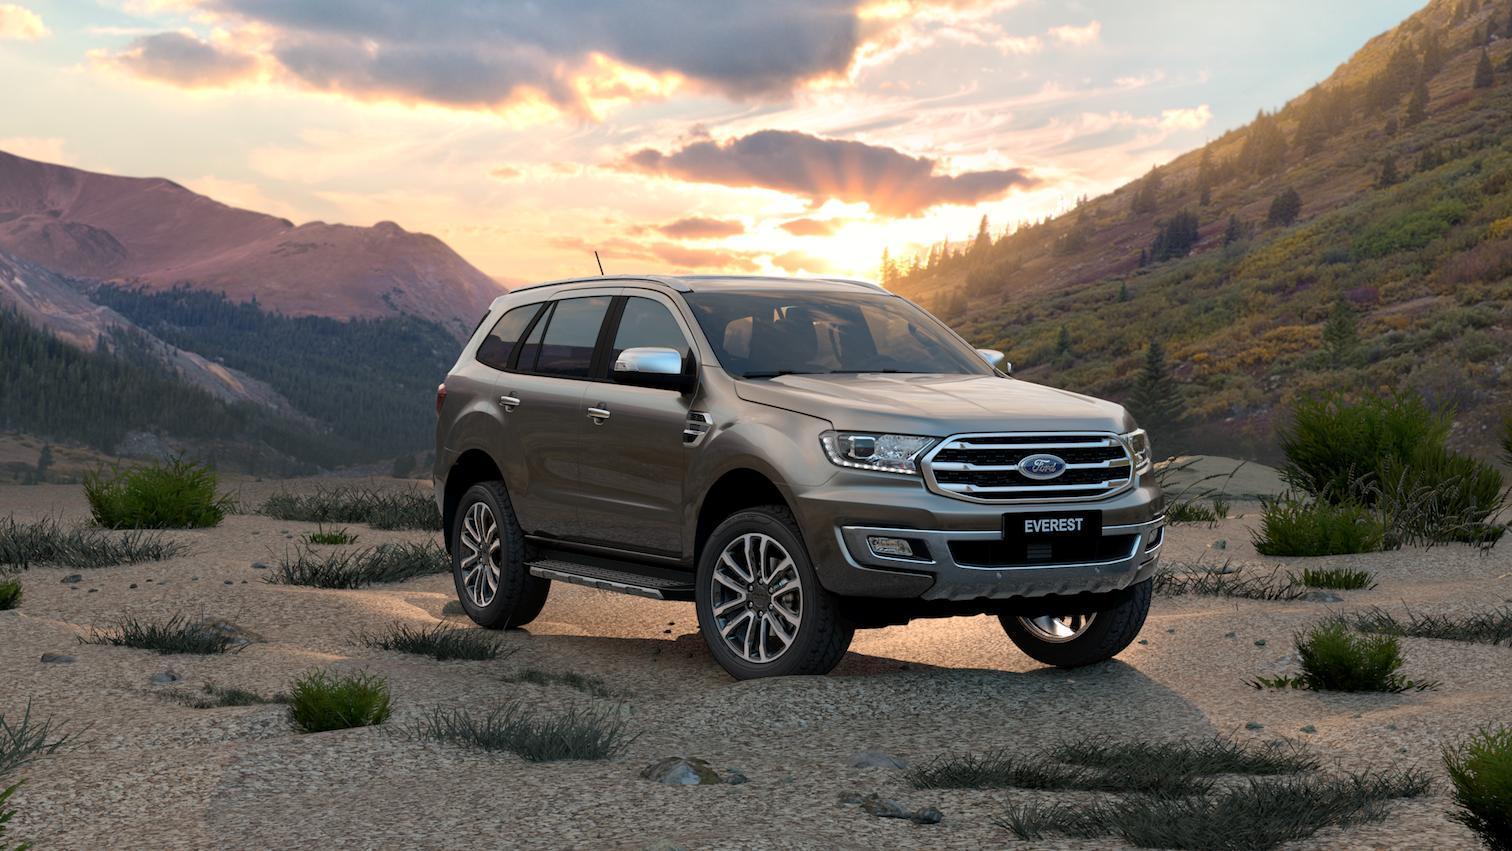 Ford Everest và Ranger 2020 tại Việt Nam thay đổi những gì? Ảnh 2